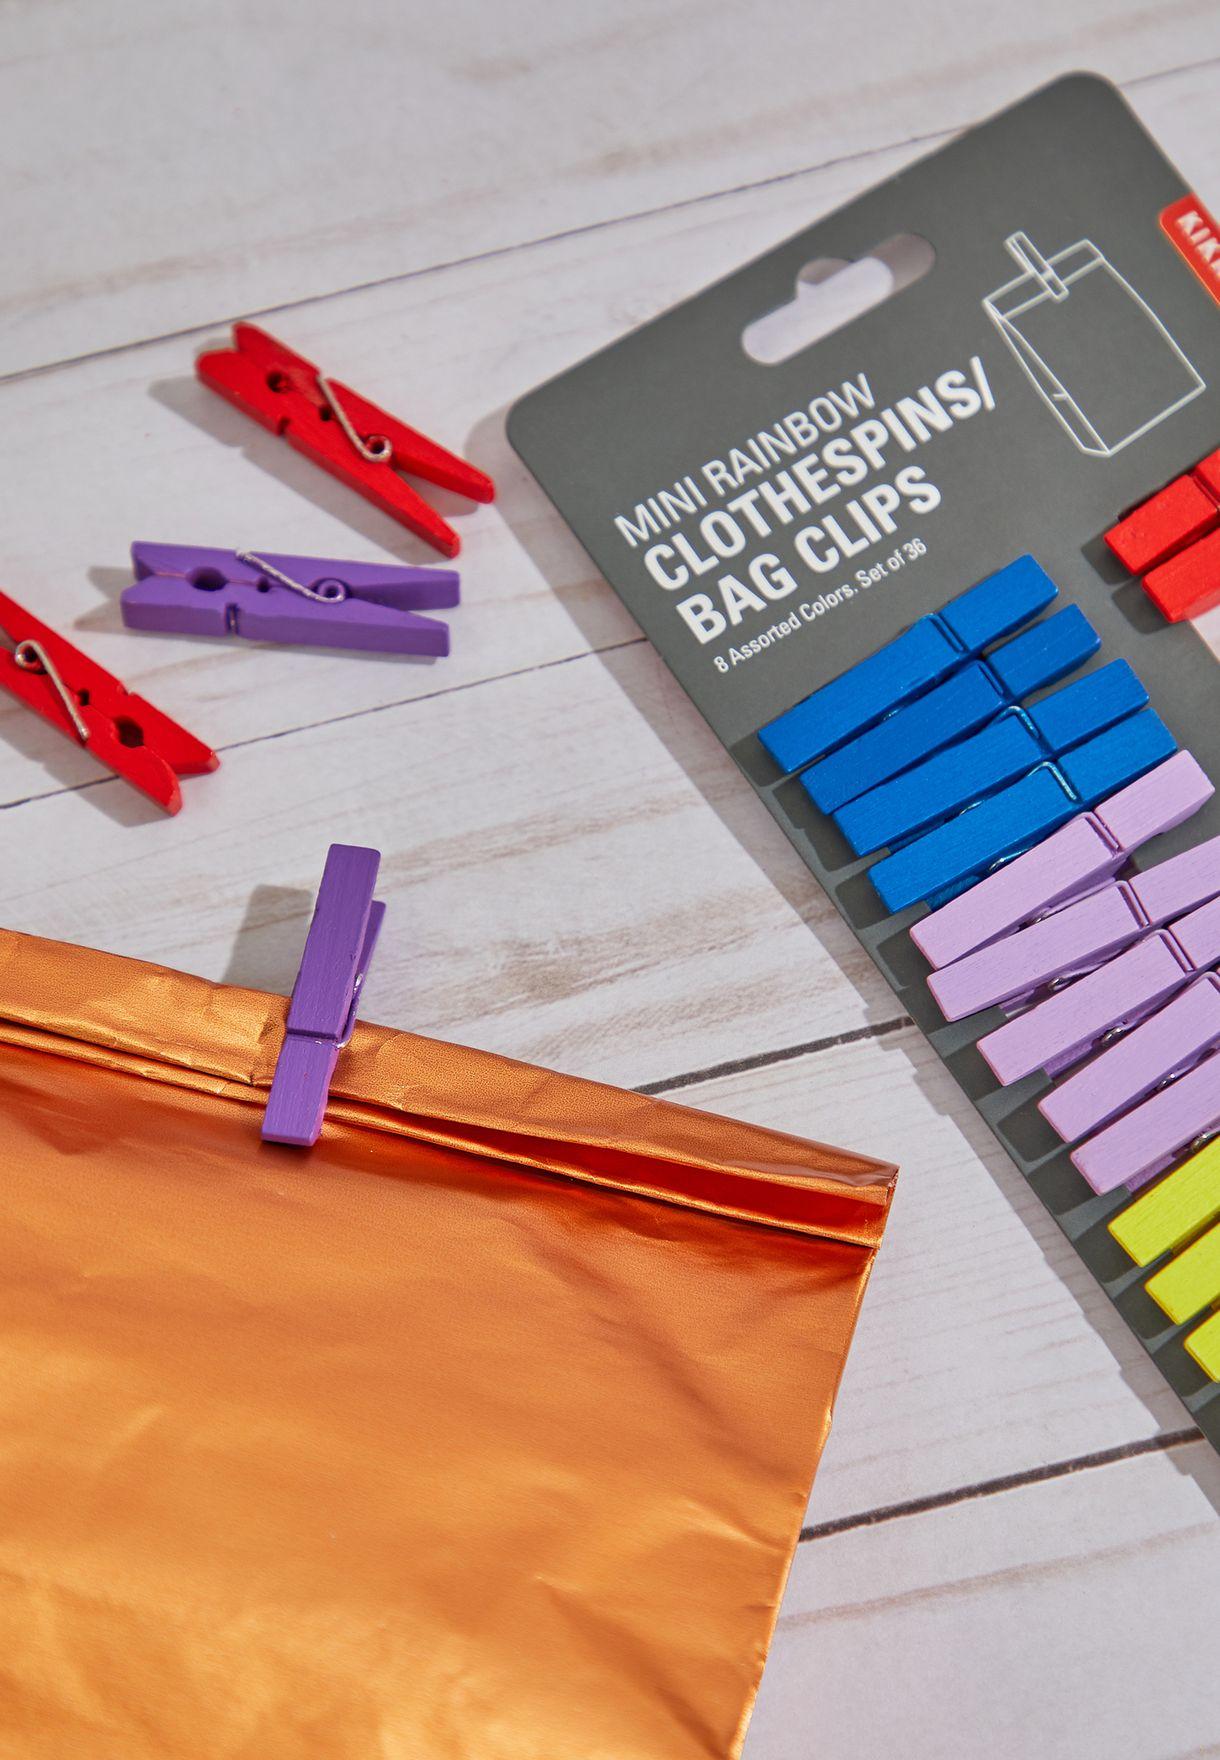 Mini Clothes Pin Bag Clips